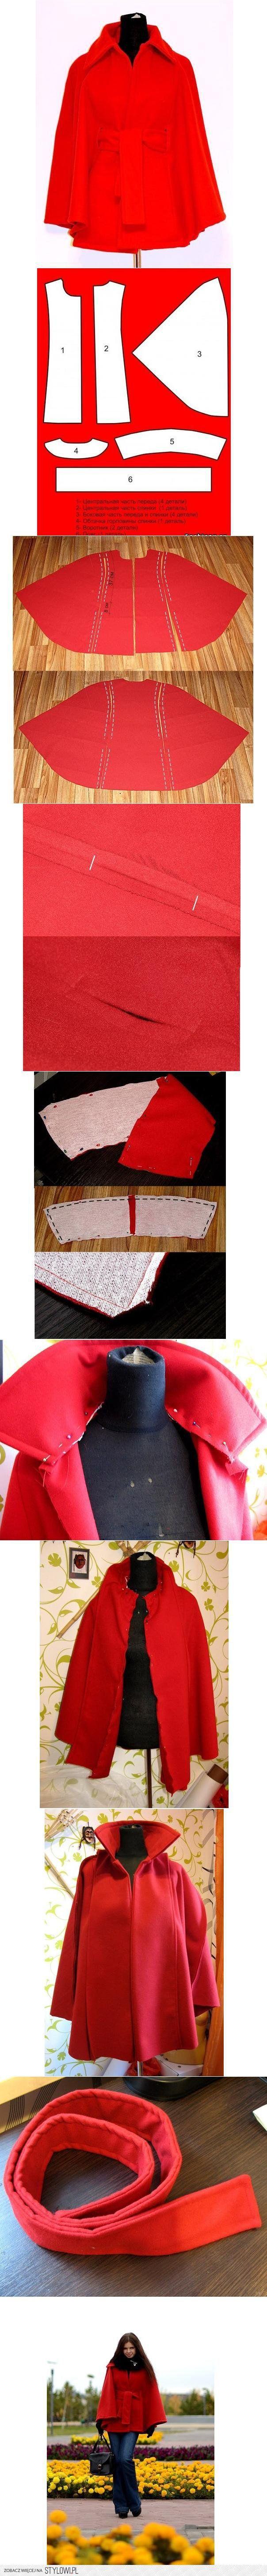 DIY Fashion Cape DIY Projects | UsefulDIY.com na Stylowi.pl